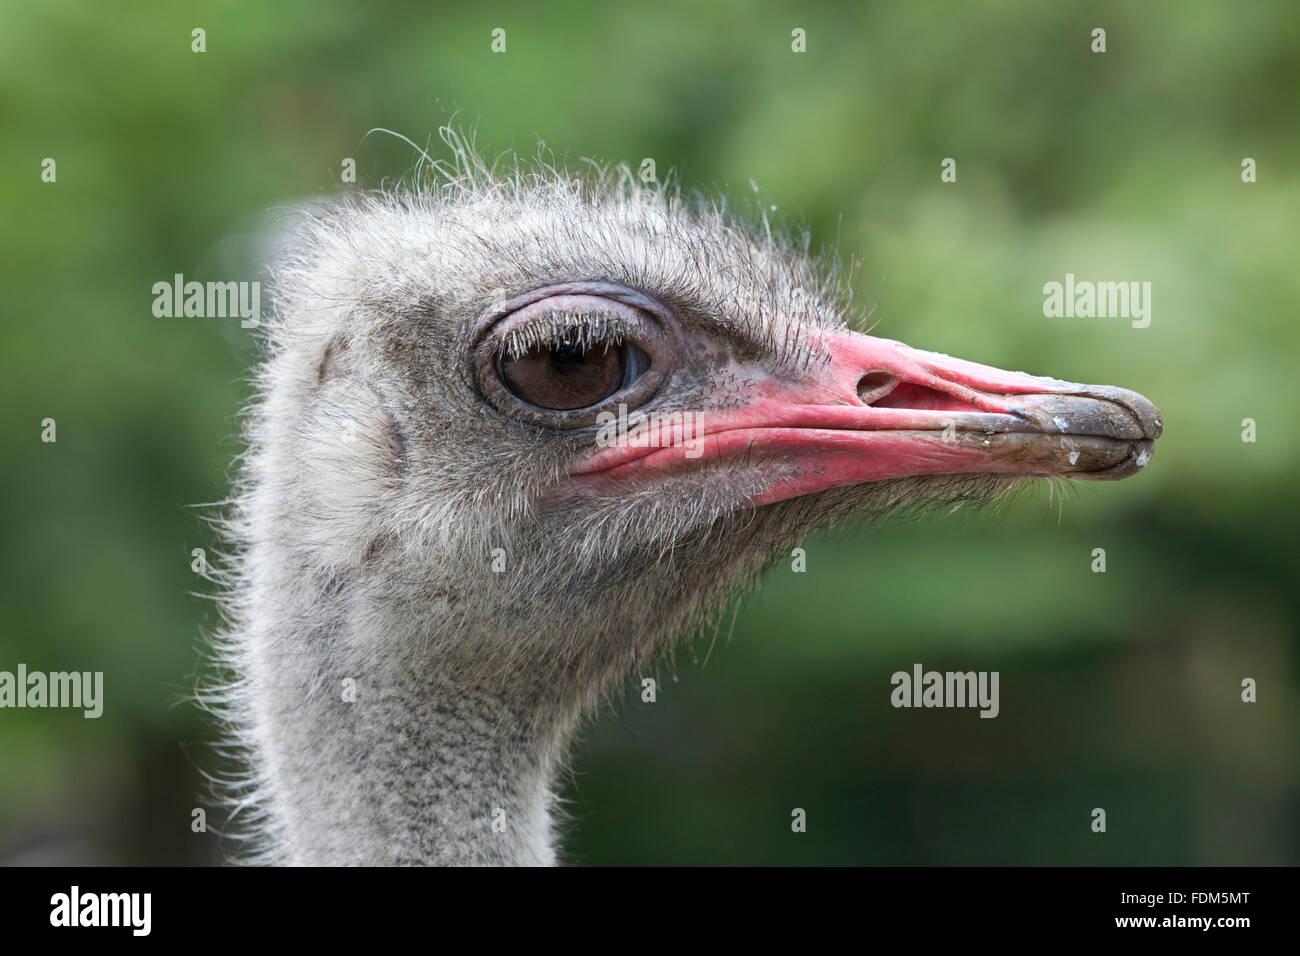 Testa di struzzo en profil close up Immagini Stock